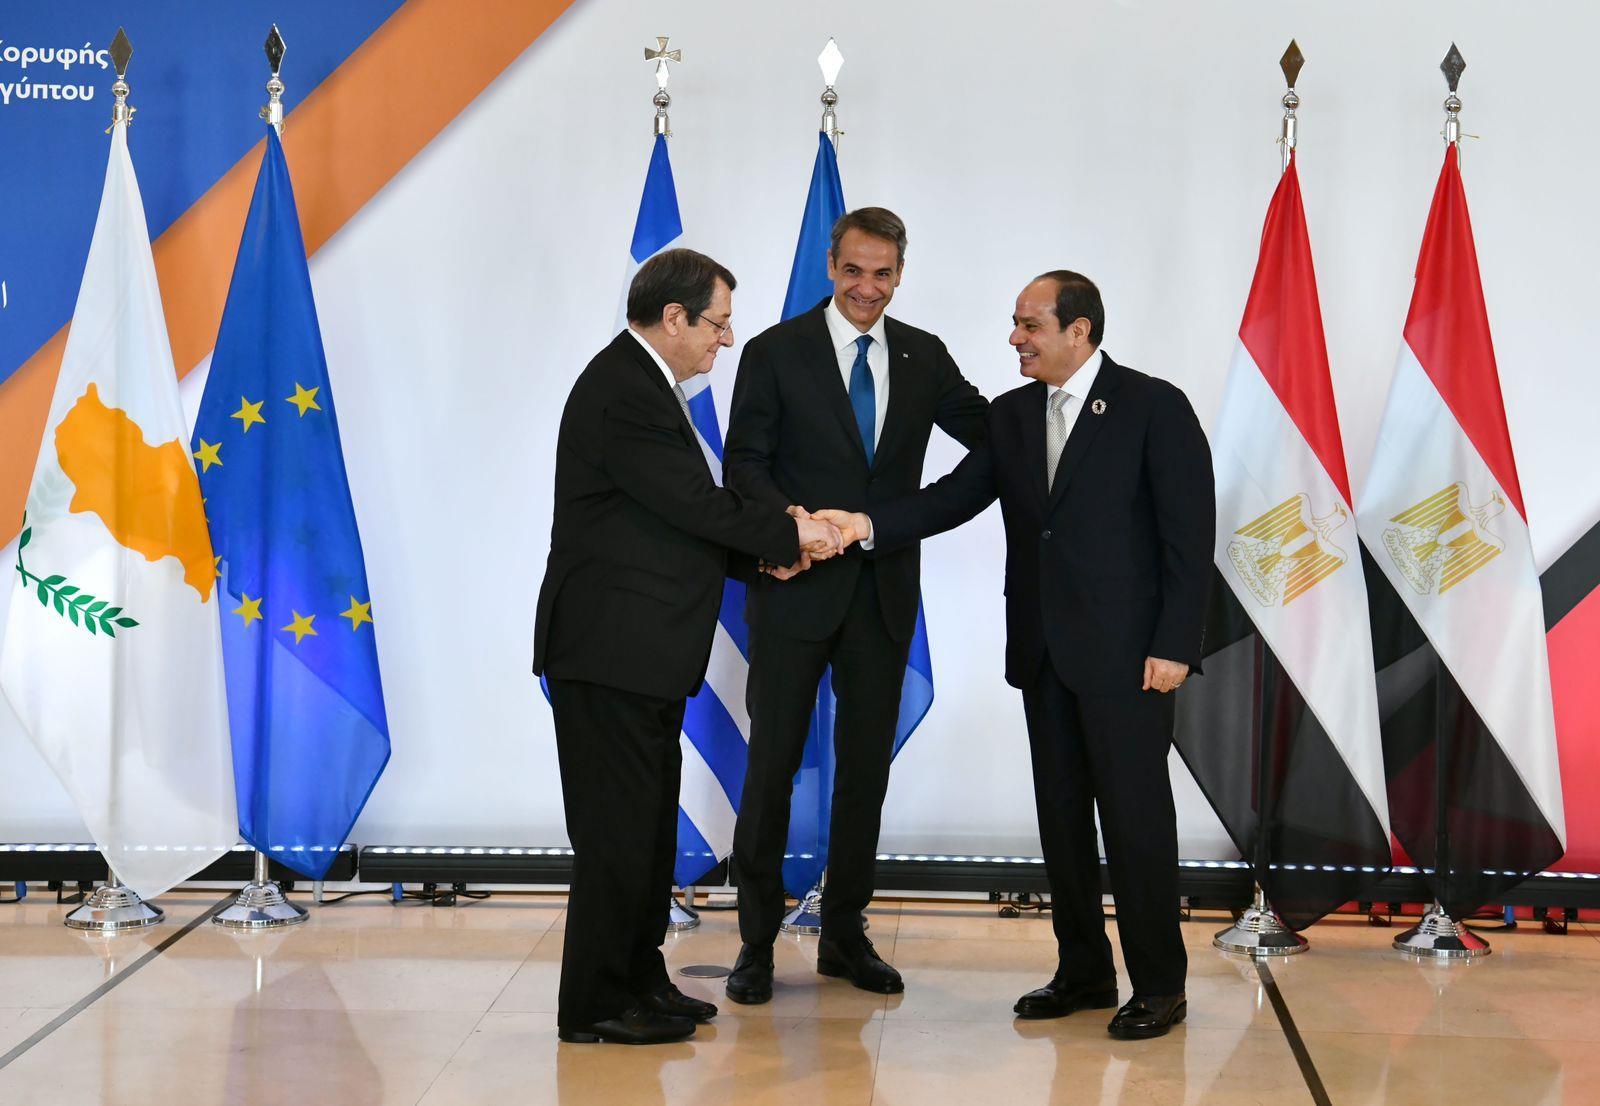 القمة الثلاثية بين مصر وقبرص واليونان  ووصول الرئيس السيسي العاصمة اليونانية أثينا